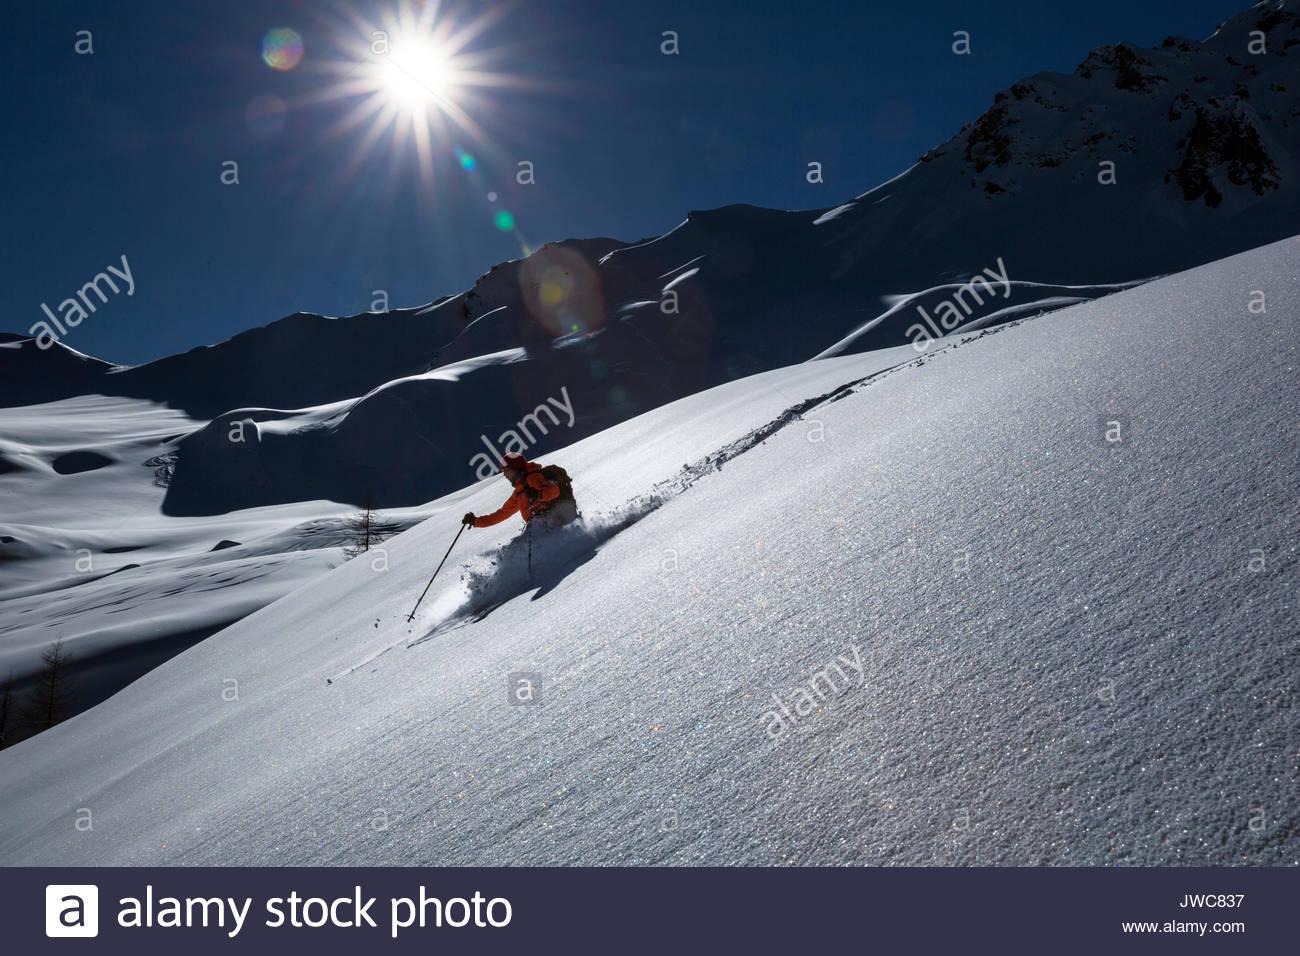 Skiing downhill at Forca Rossa,near Marmolada. - Stock Image